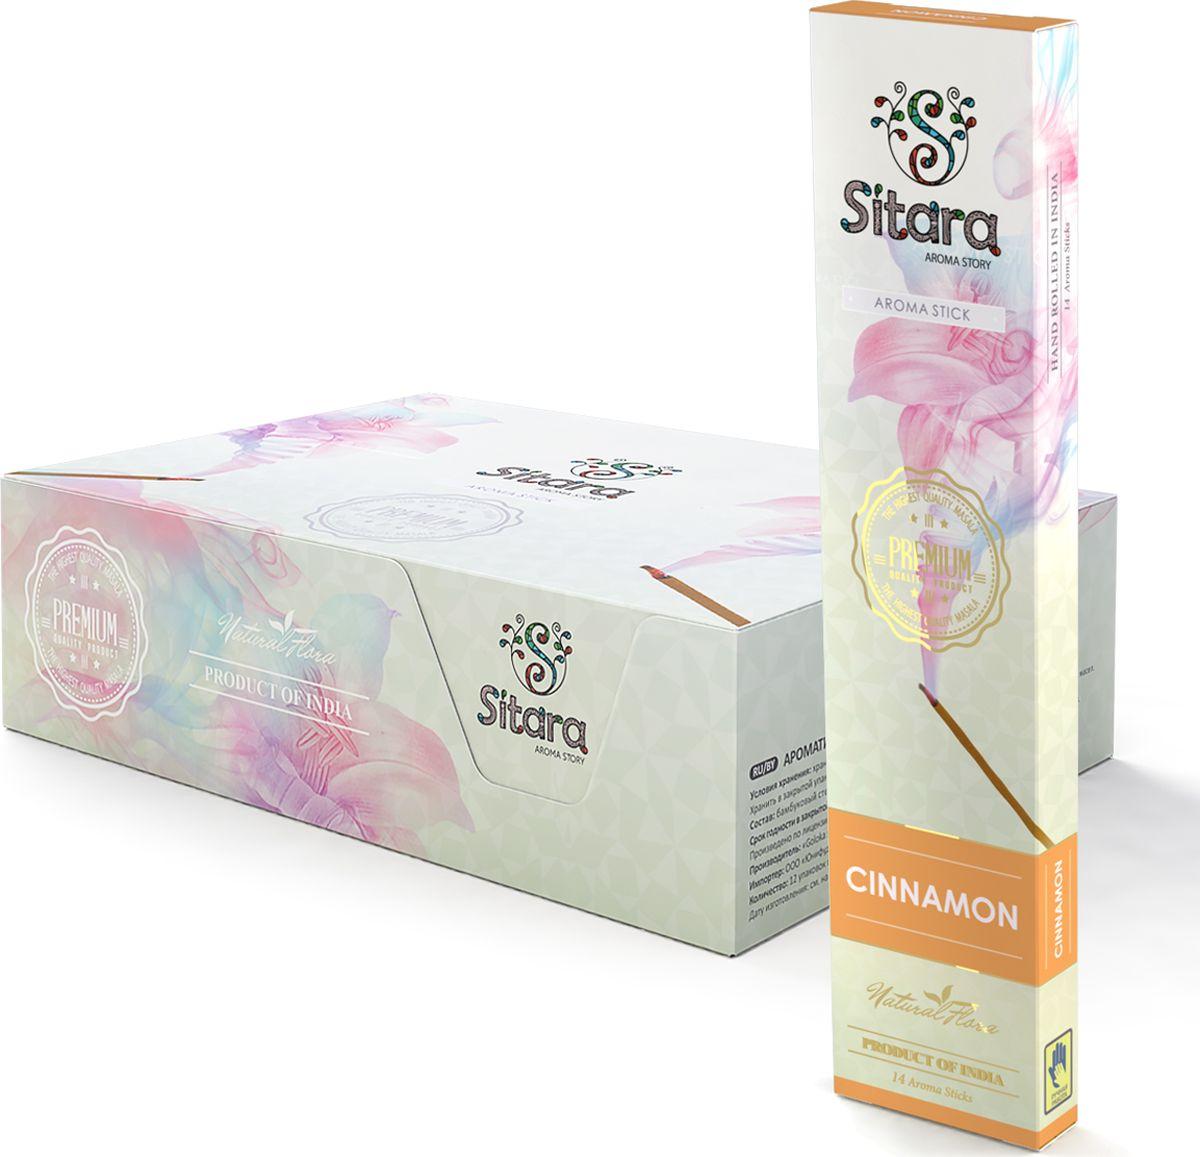 Ароматические палочки Sitara Premium Cinnamon, 14 палочек10325Обзор:Обволакивающий пряный аромат корицы повысит настроение, согреет и прогонит плохое настроение в пасмурный день. Создает атмосферу уюта и тепла.Способ применения:Поджечь сторону, противоположную бамбуковому основанию. Через несколько секунд после возгорания задуть пламя. Поставить ароматическую палочку в подставку, соблюдая необходимые меры пожарной безопасности.Состав:Бамбуковый стержень (Bamboo rod), натуральный мед (Honey), смола и пудра сандалового дерева (Resin and sandalwood powder), натуральная эссенция эфирных масел (Essential oils)С осторожностью: Людям страдающими заболеваниями дыхательных путей, аллергическими реакциями, при беременности.В блоке 12 пачек.